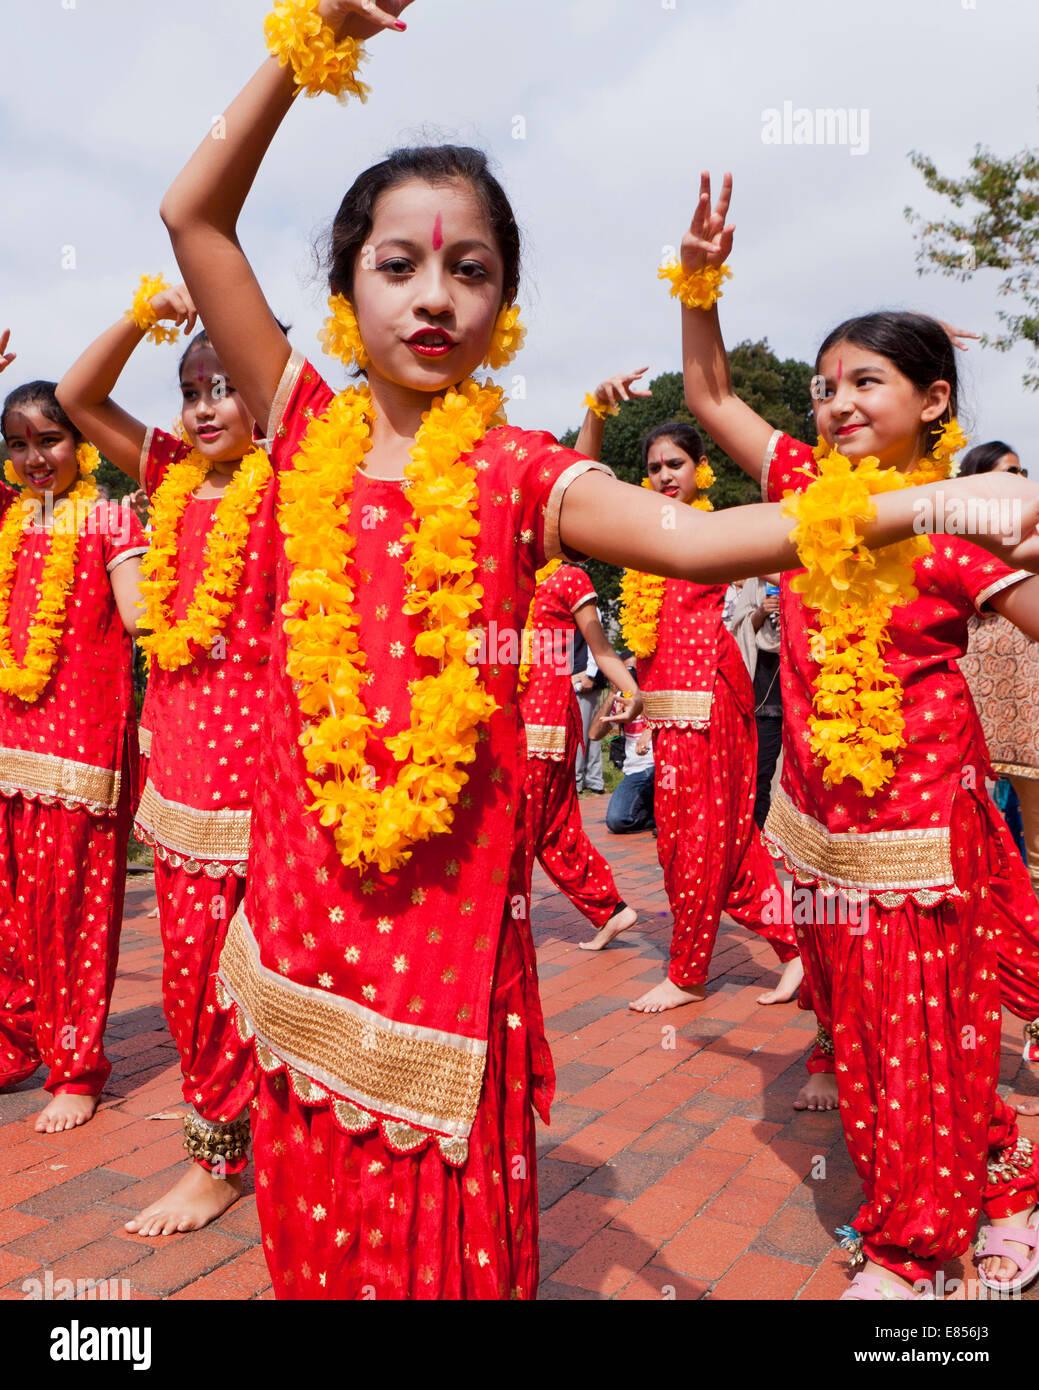 Klassischen indischen Odissi Tanz-Performance von Mädchen bei kulturellen Event - USA Stockbild